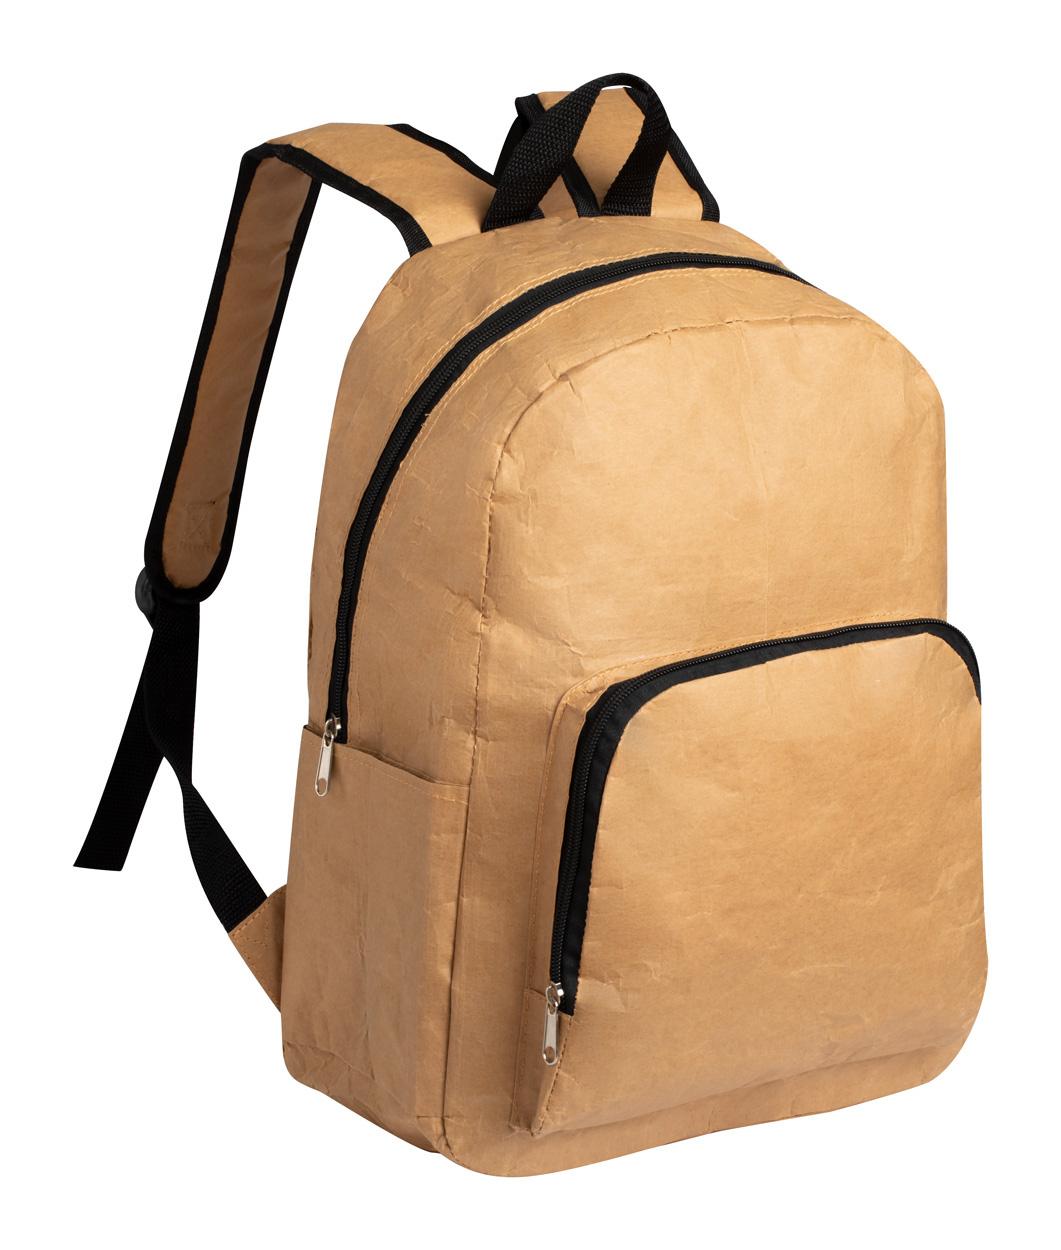 nincs színadat Kizon papír hátizsák|Kizon papír hátizsák